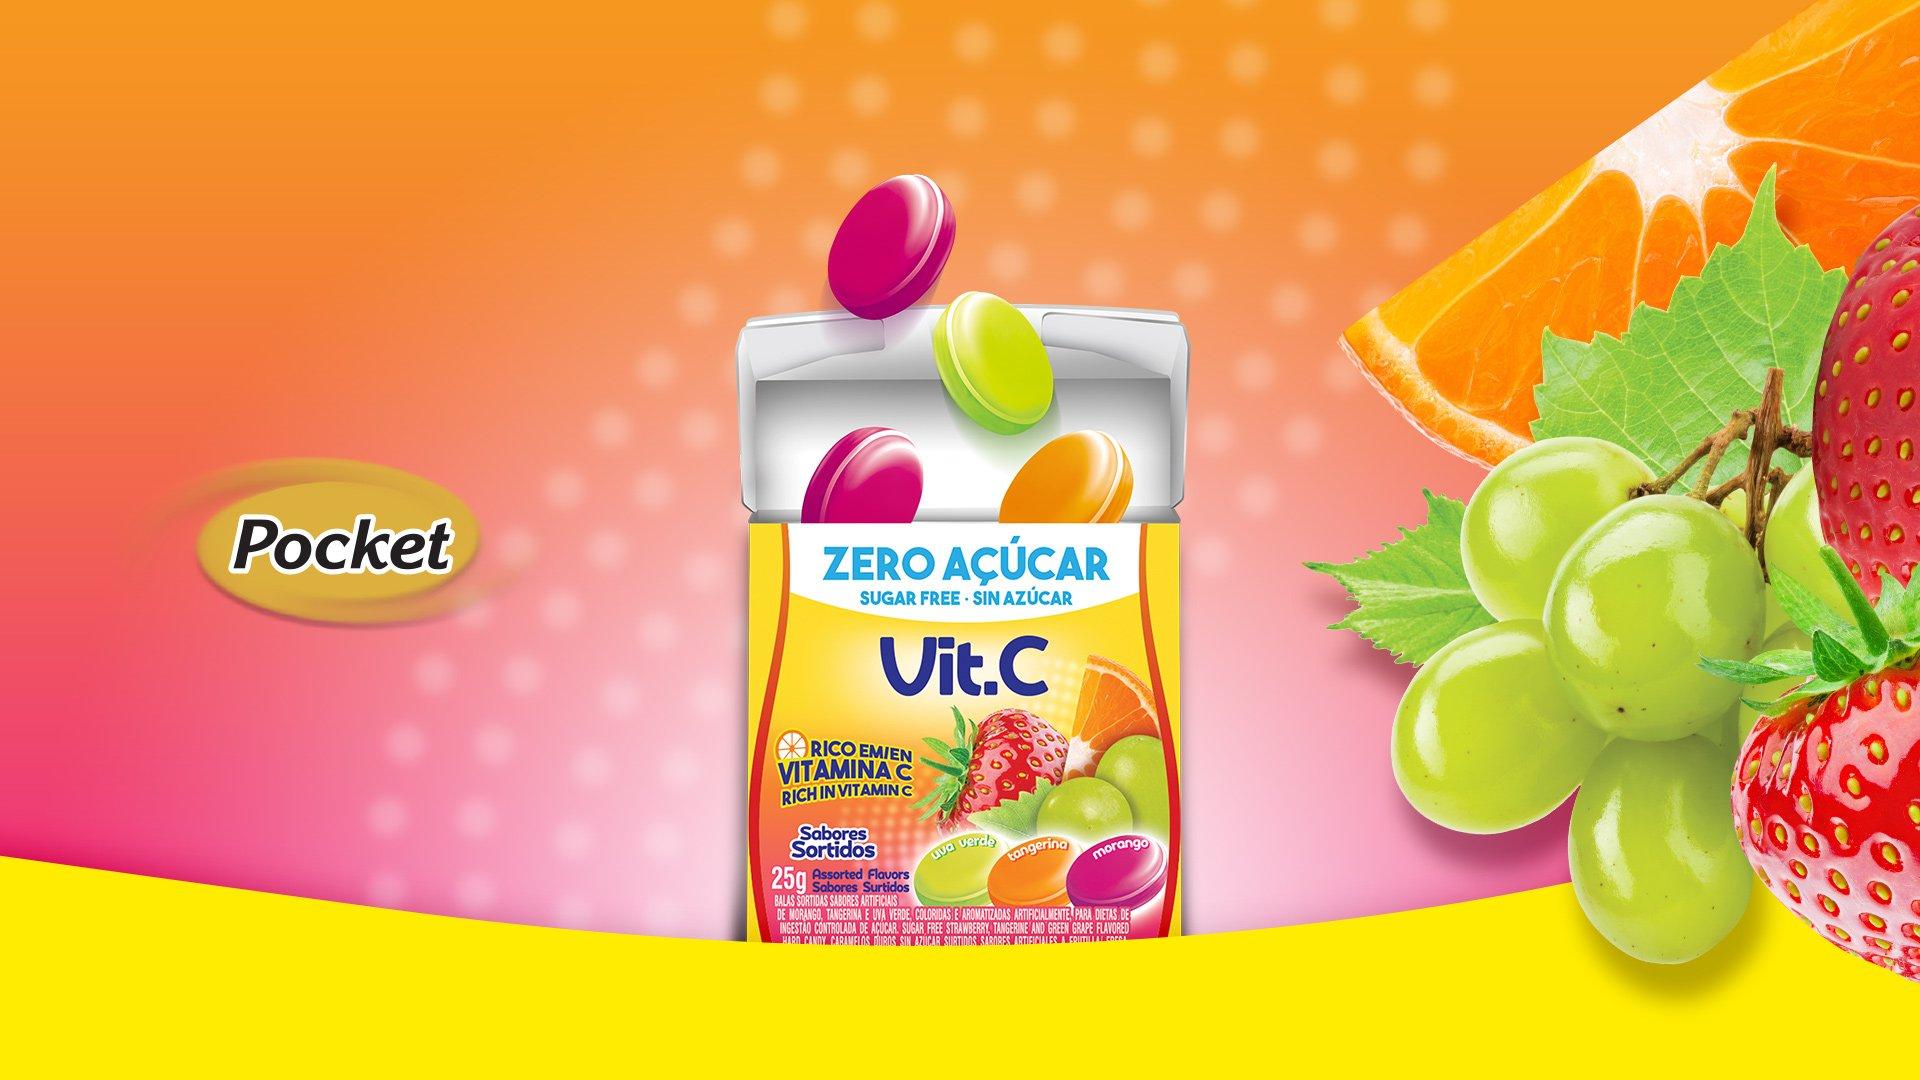 Pocket Vit C zero açúcar